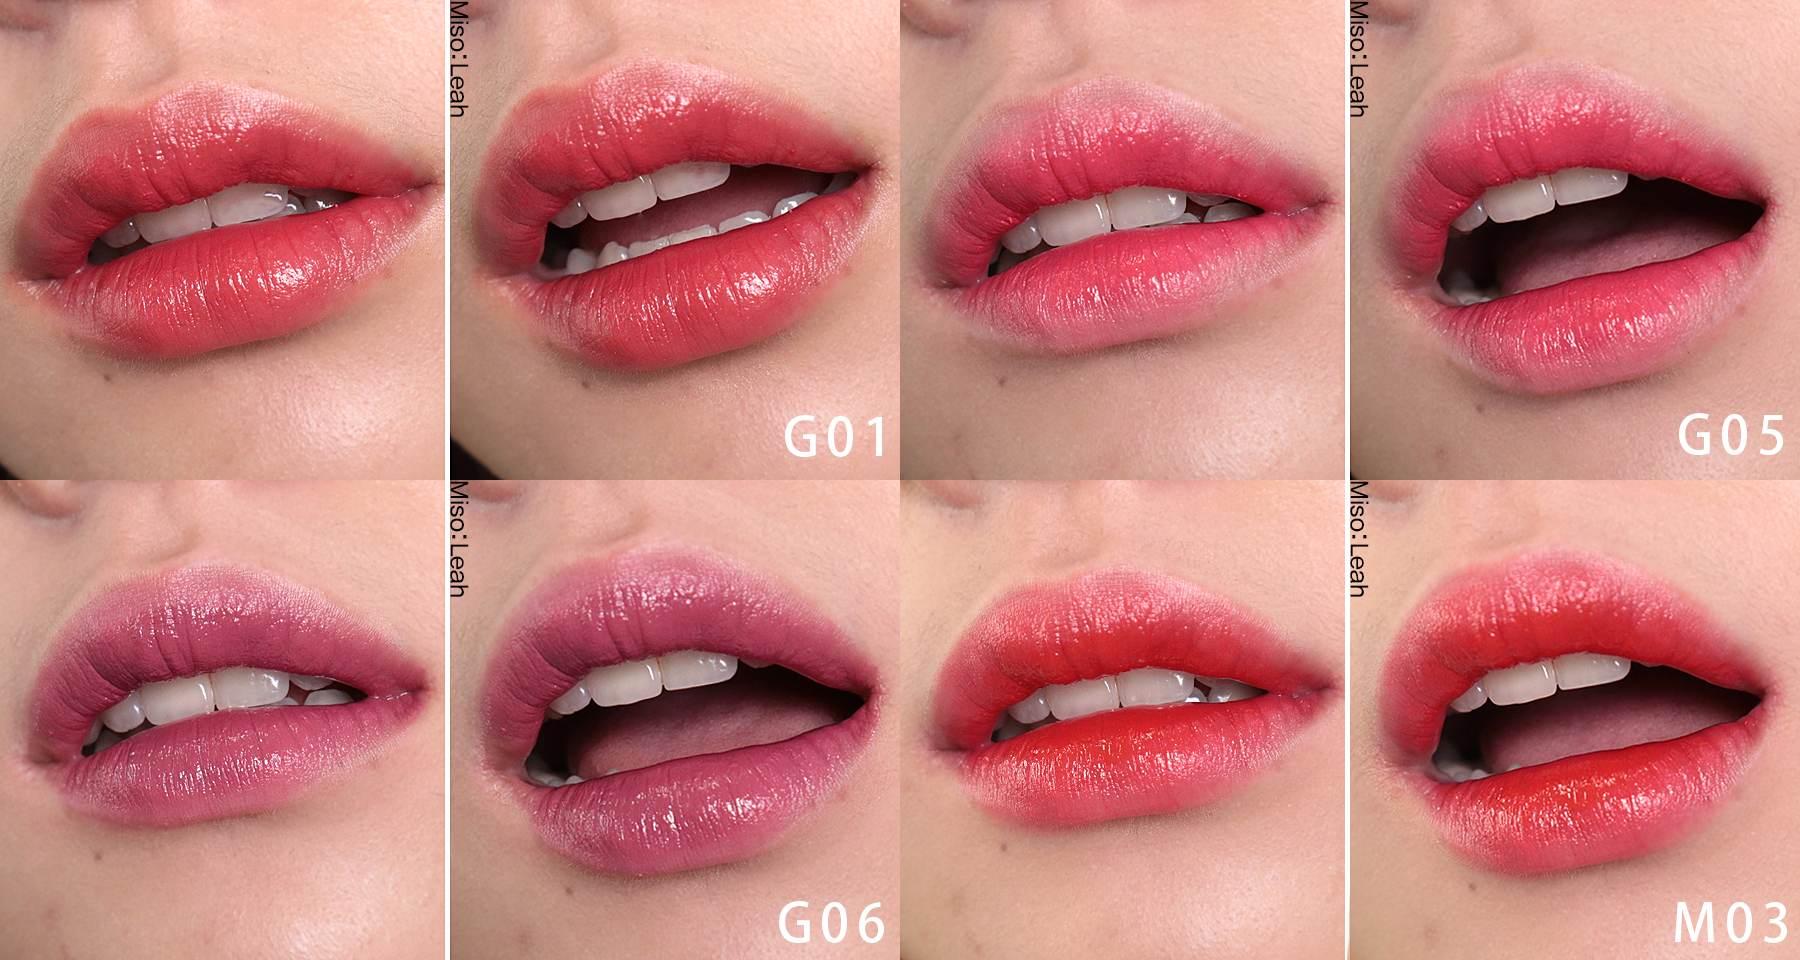 即使是唇部乾燥的人也可以不用護唇膏打底就輕鬆使用!薄擦一層就很顯色,多擦幾層則是能呈現更飽和水潤的樣子~